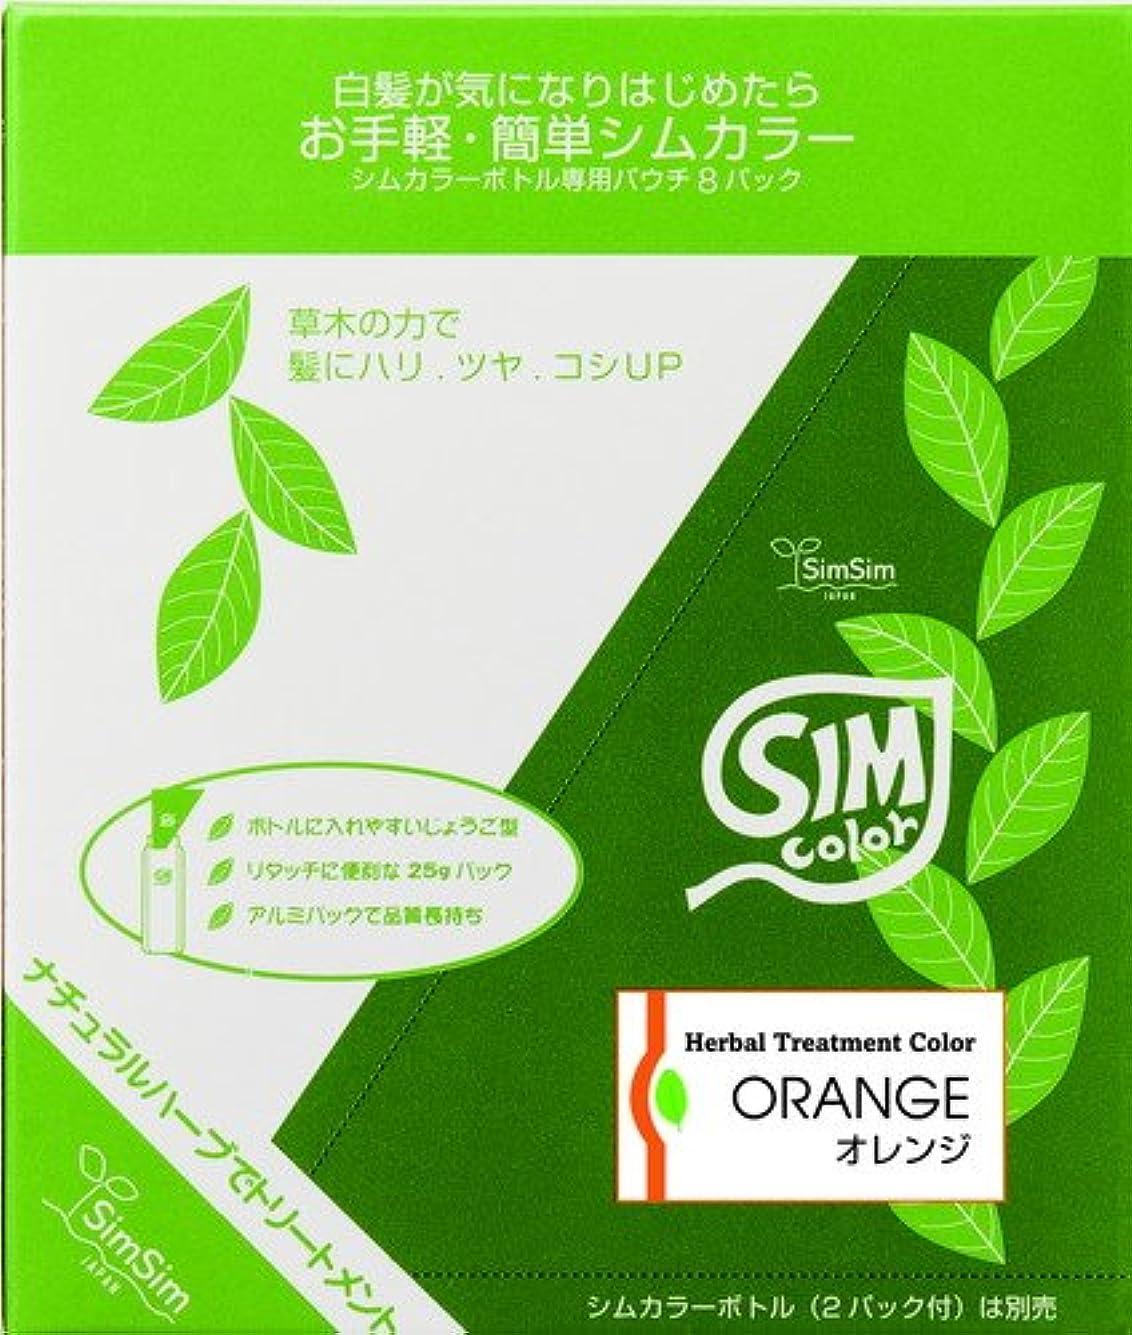 学校教育サービス野望SimSim(シムシム)お手軽簡単シムカラーエクストラ(EX)25g 8袋 オレンジ